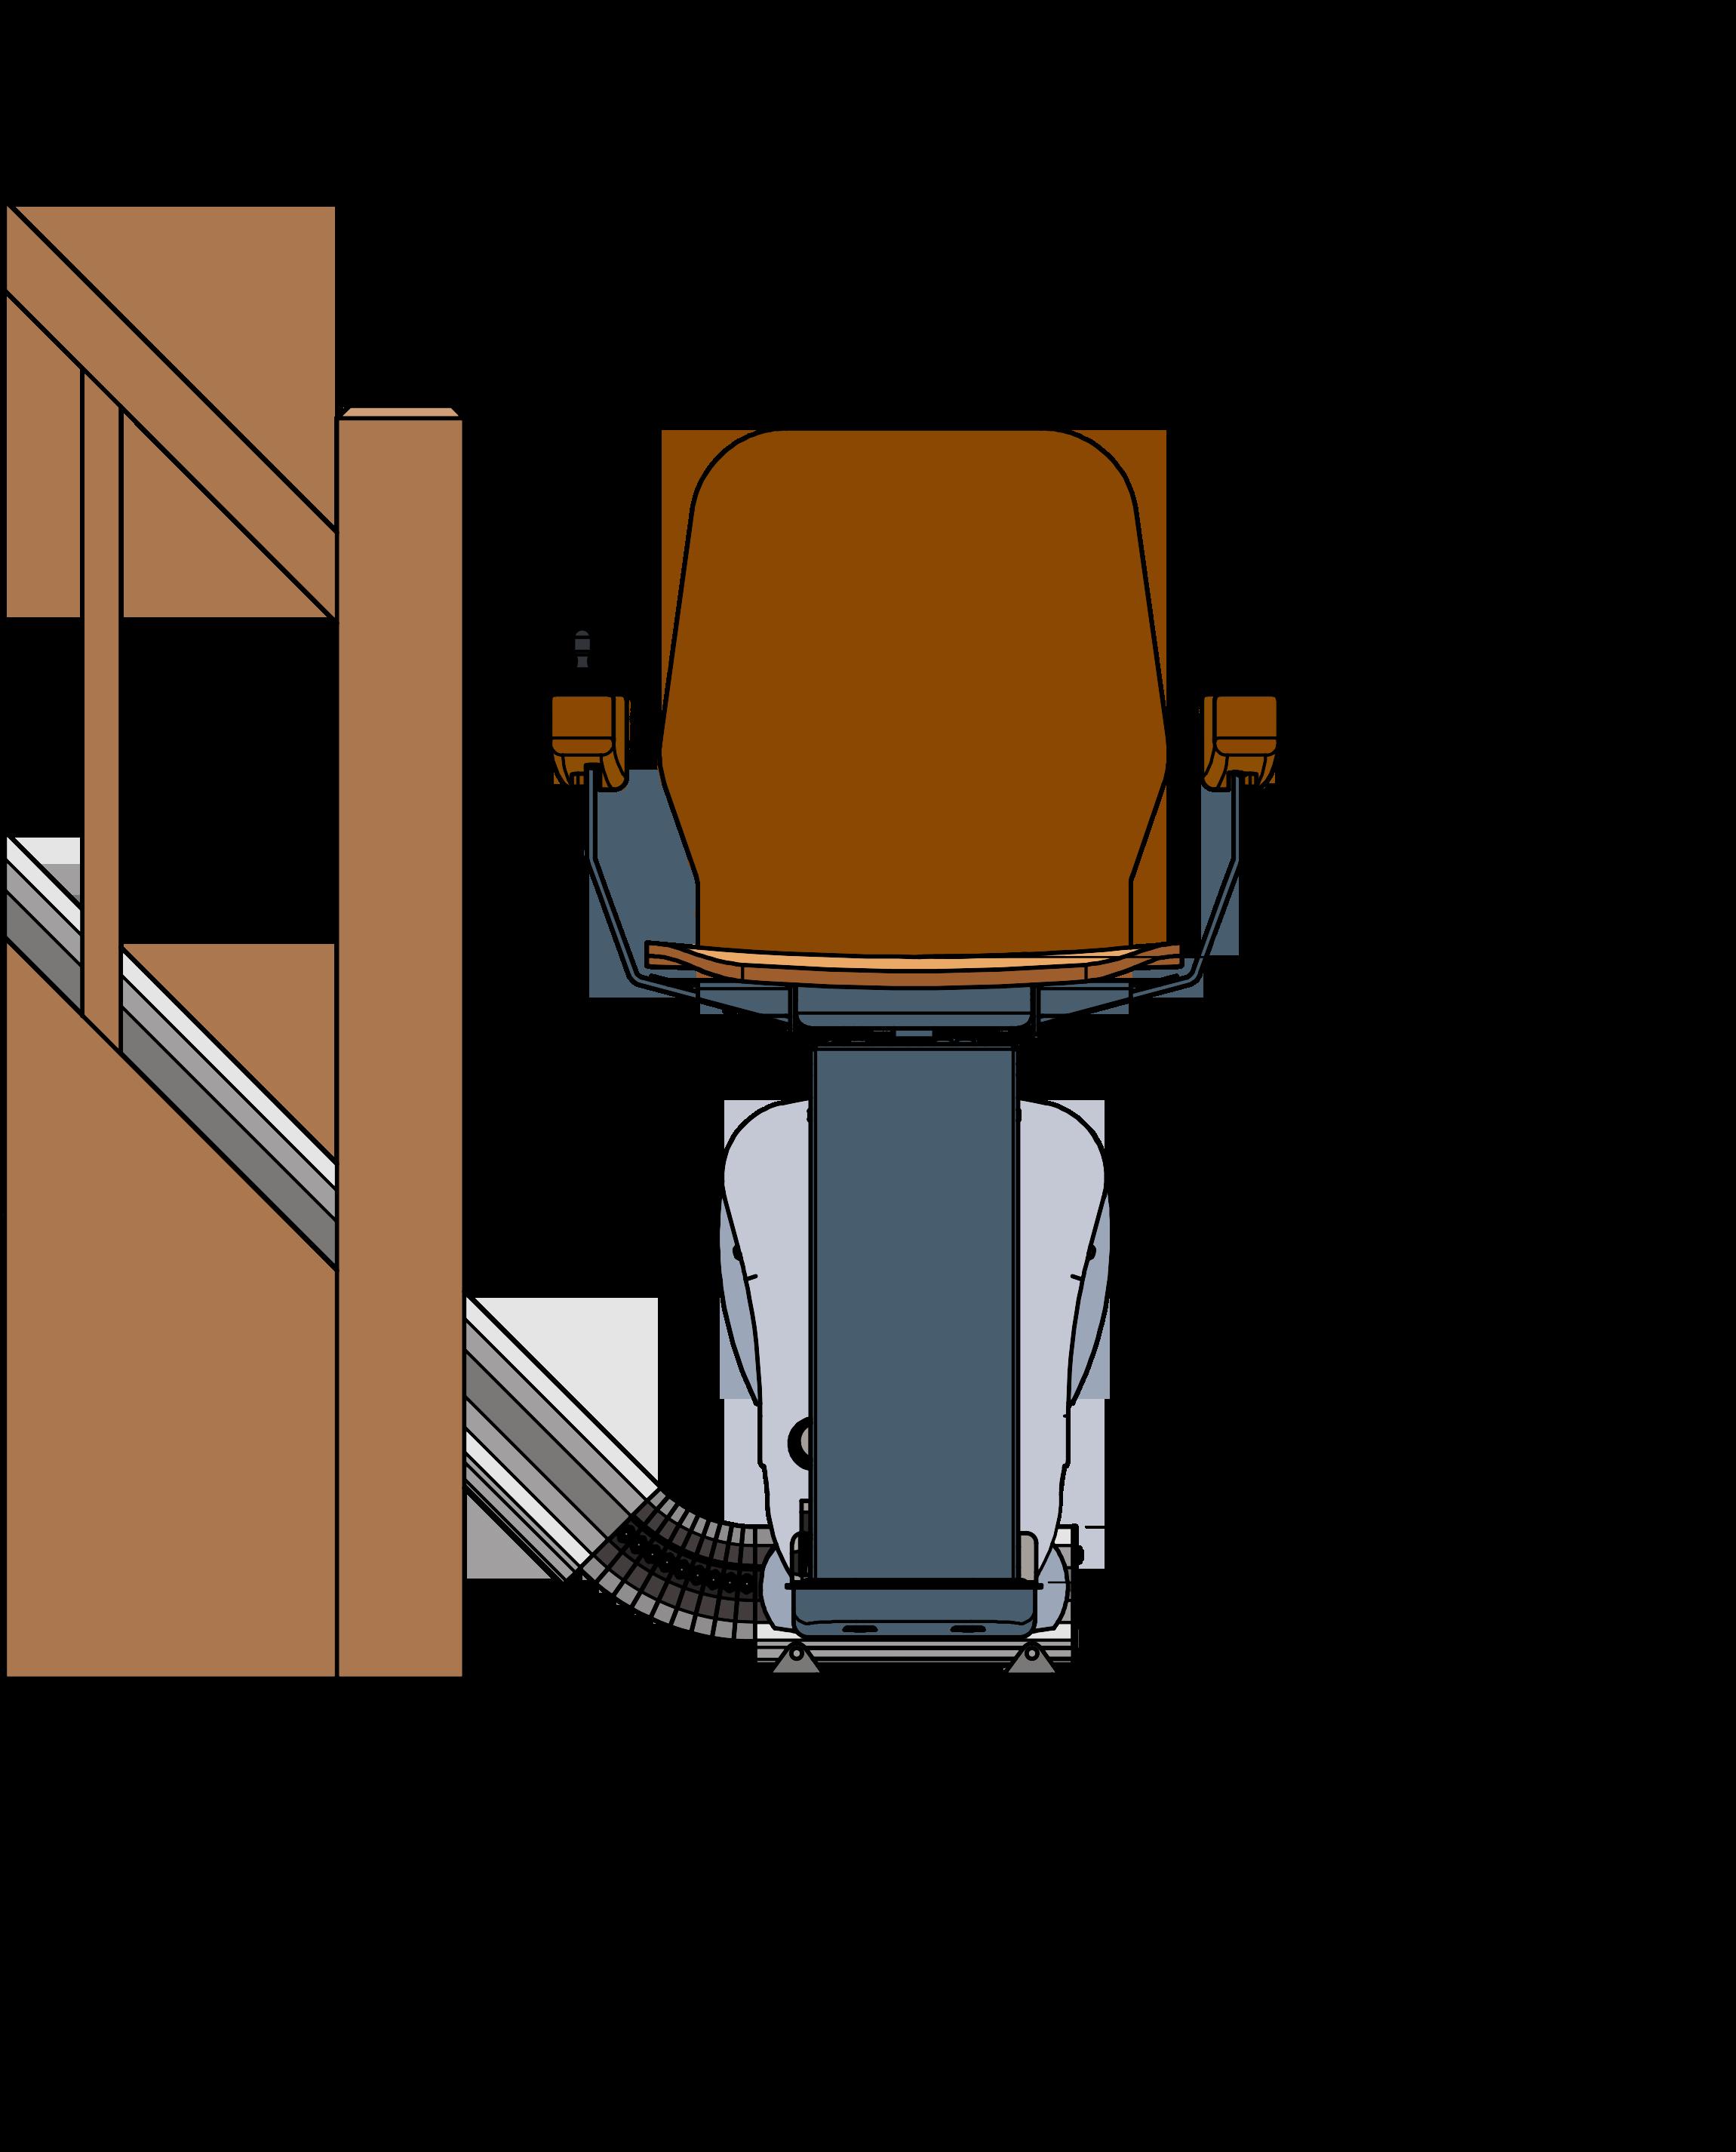 Dieses Bild zeigt eine schematische Frontalansicht eines UP-Treppenlift neben einem Treppenaufgang.